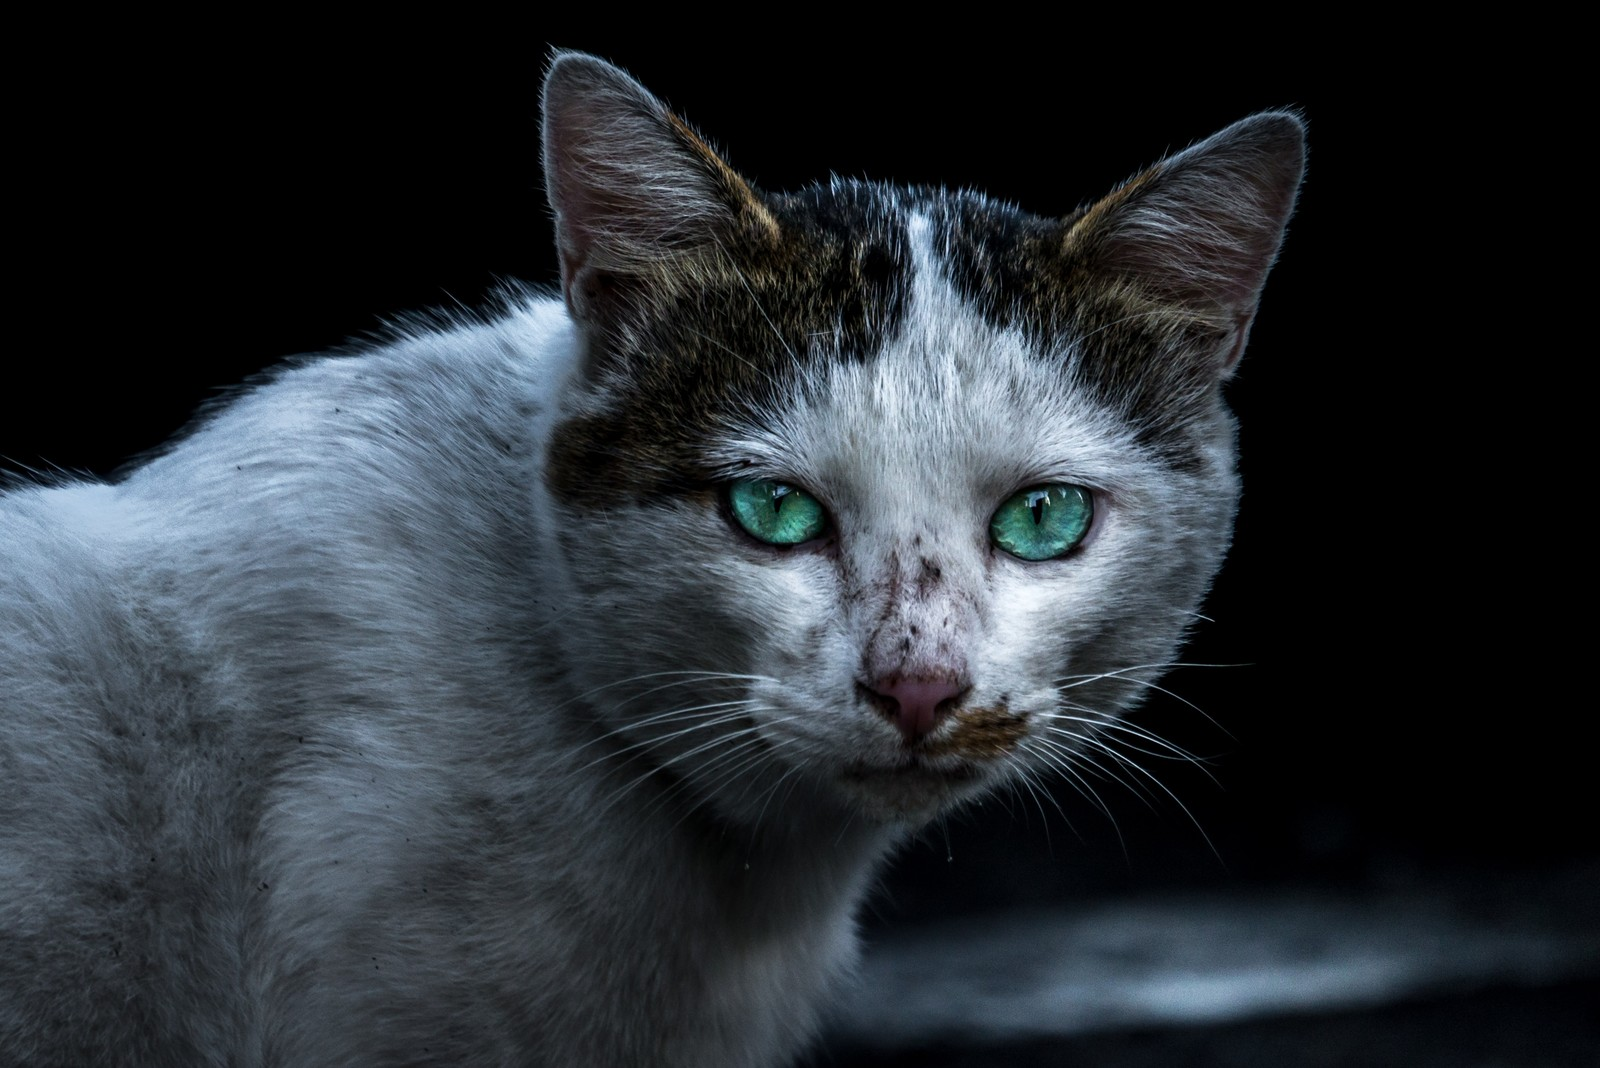 「喧嘩後の猫さん喧嘩後の猫さん」のフリー写真素材を拡大